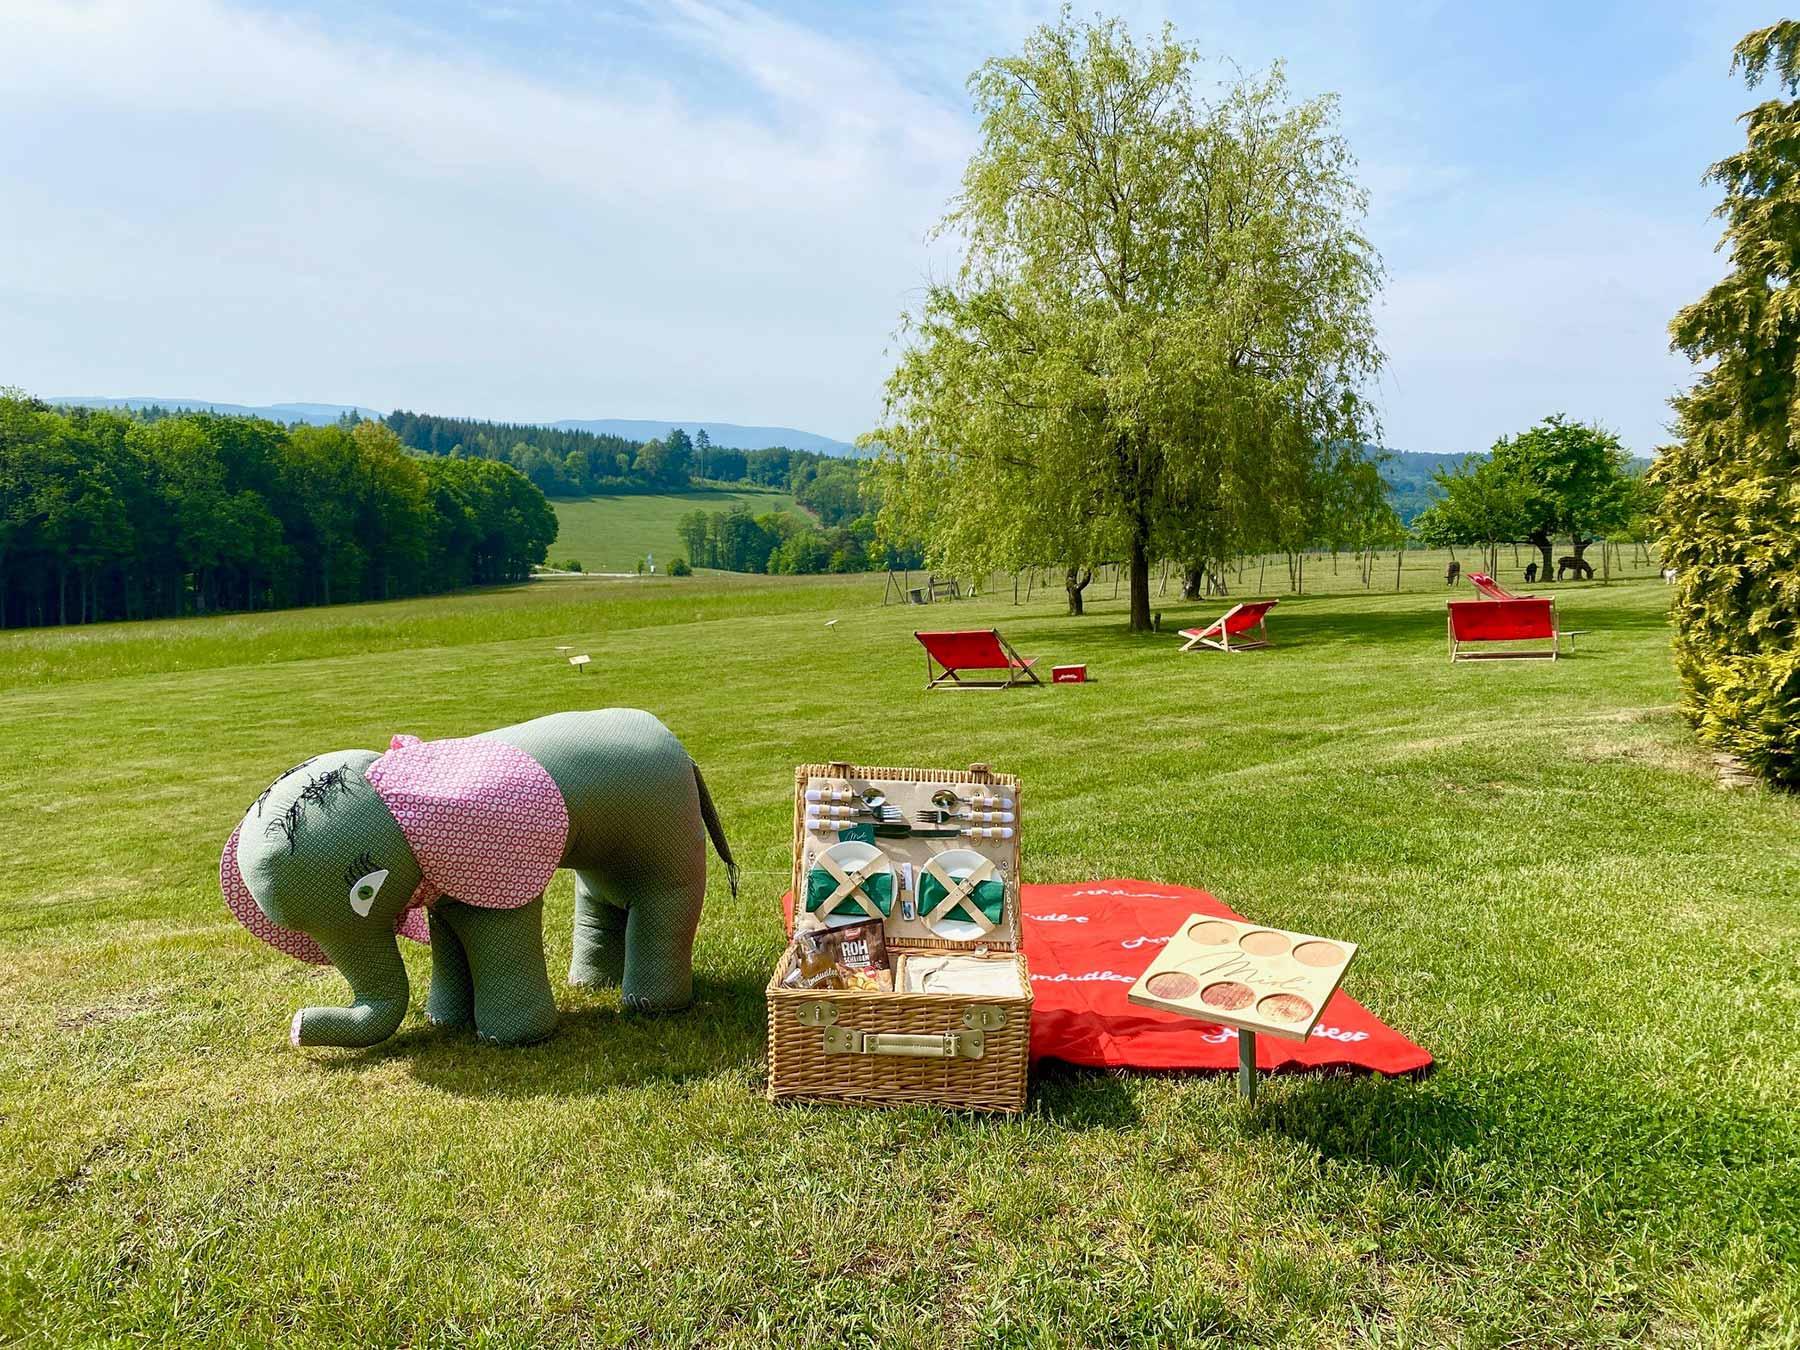 Picknick mit Babyelefant zur Abstandsmessung